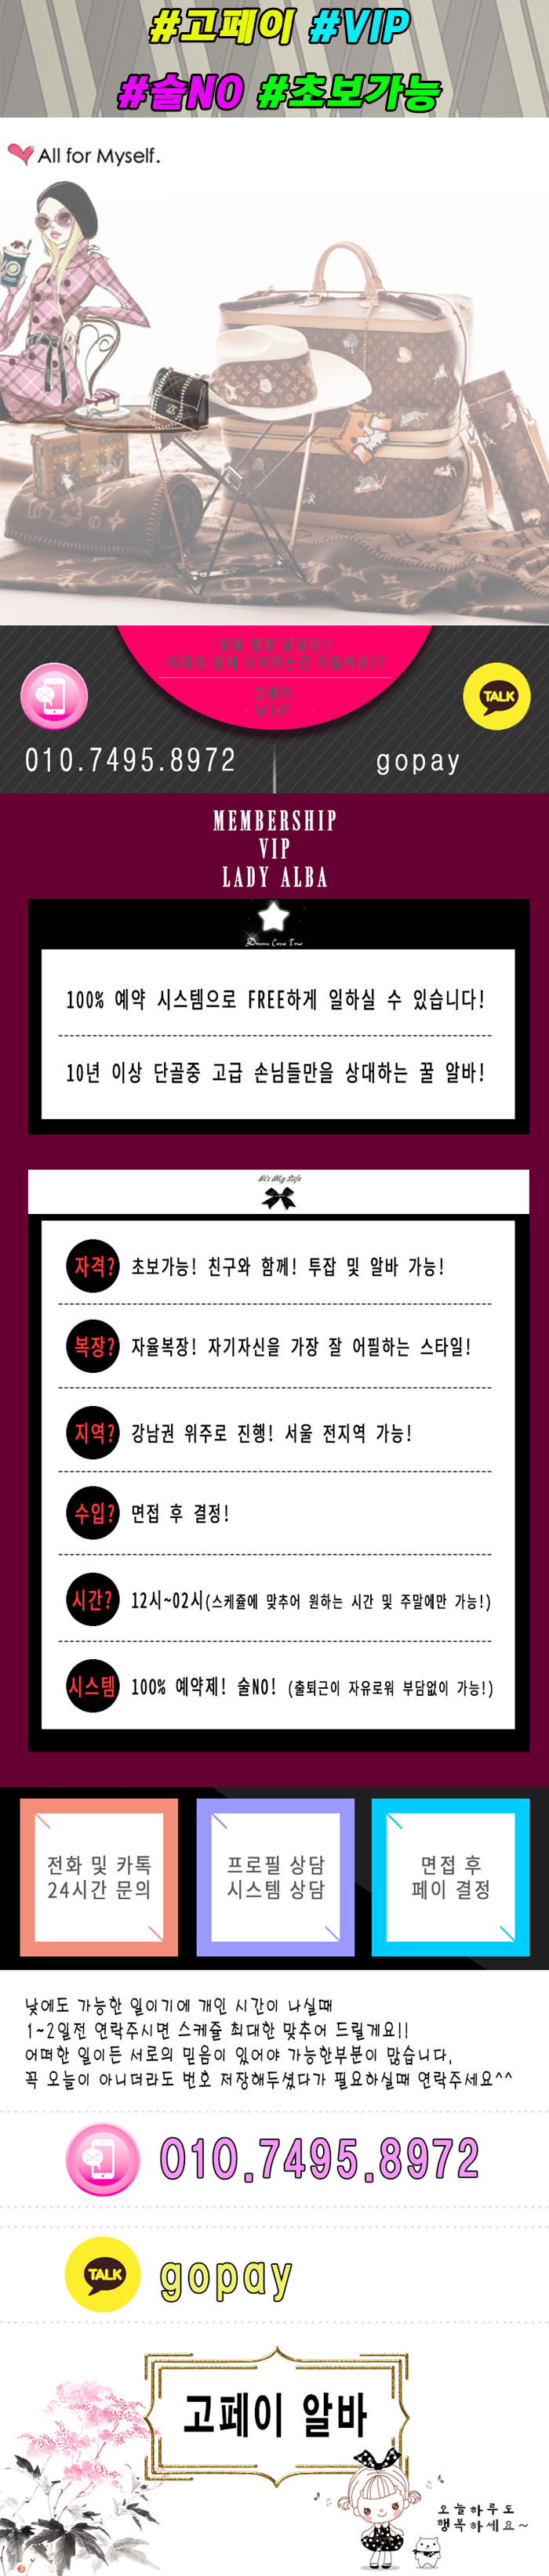 강남밤알바 - 유흥알바 - 룸알바